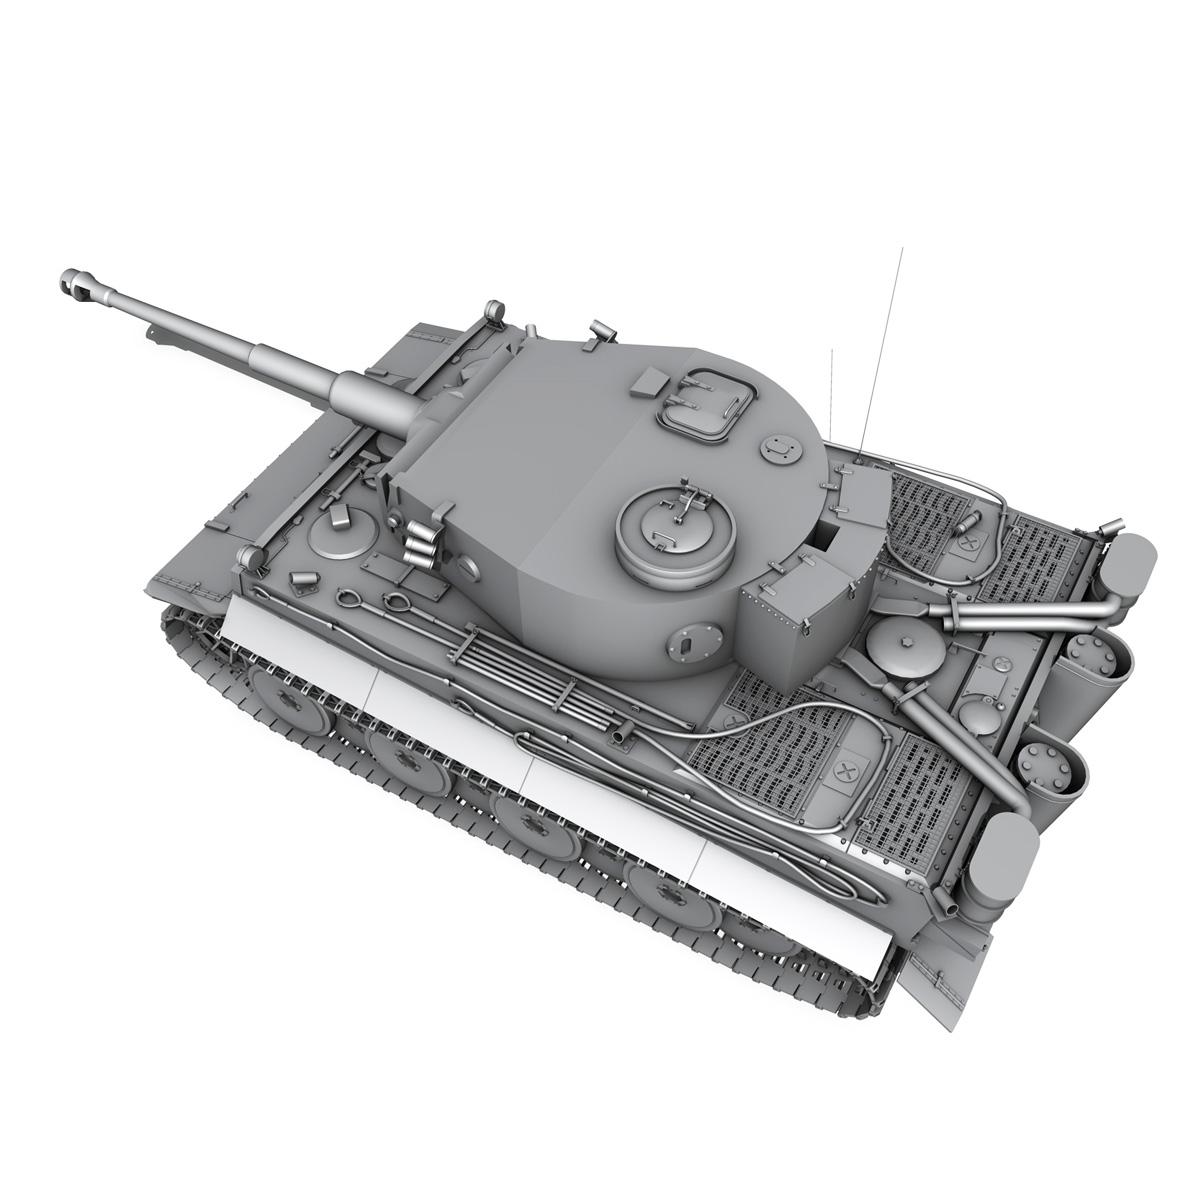 panzer vi – tiger – early production 3d model 3ds fbx c4d lwo obj 202262